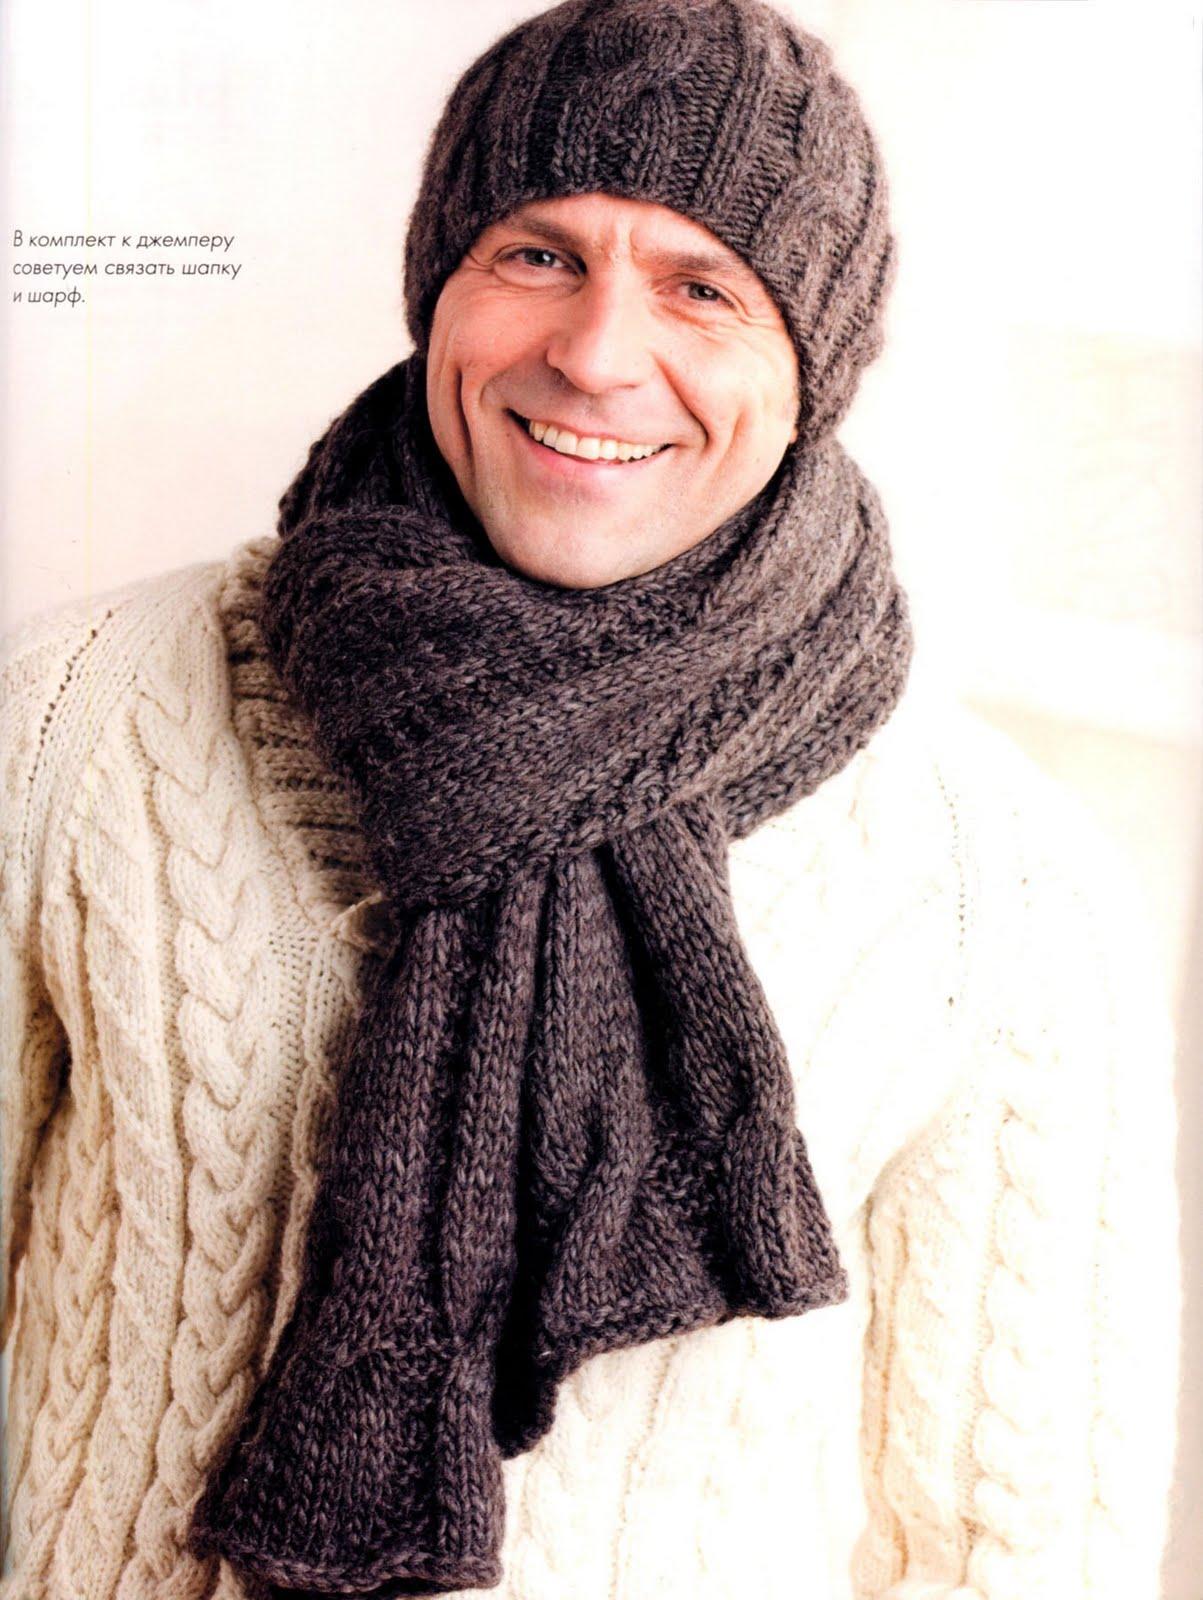 Вязание.  Белоснежный мужской пуловер с косами и узорчатые шапка и шарф!